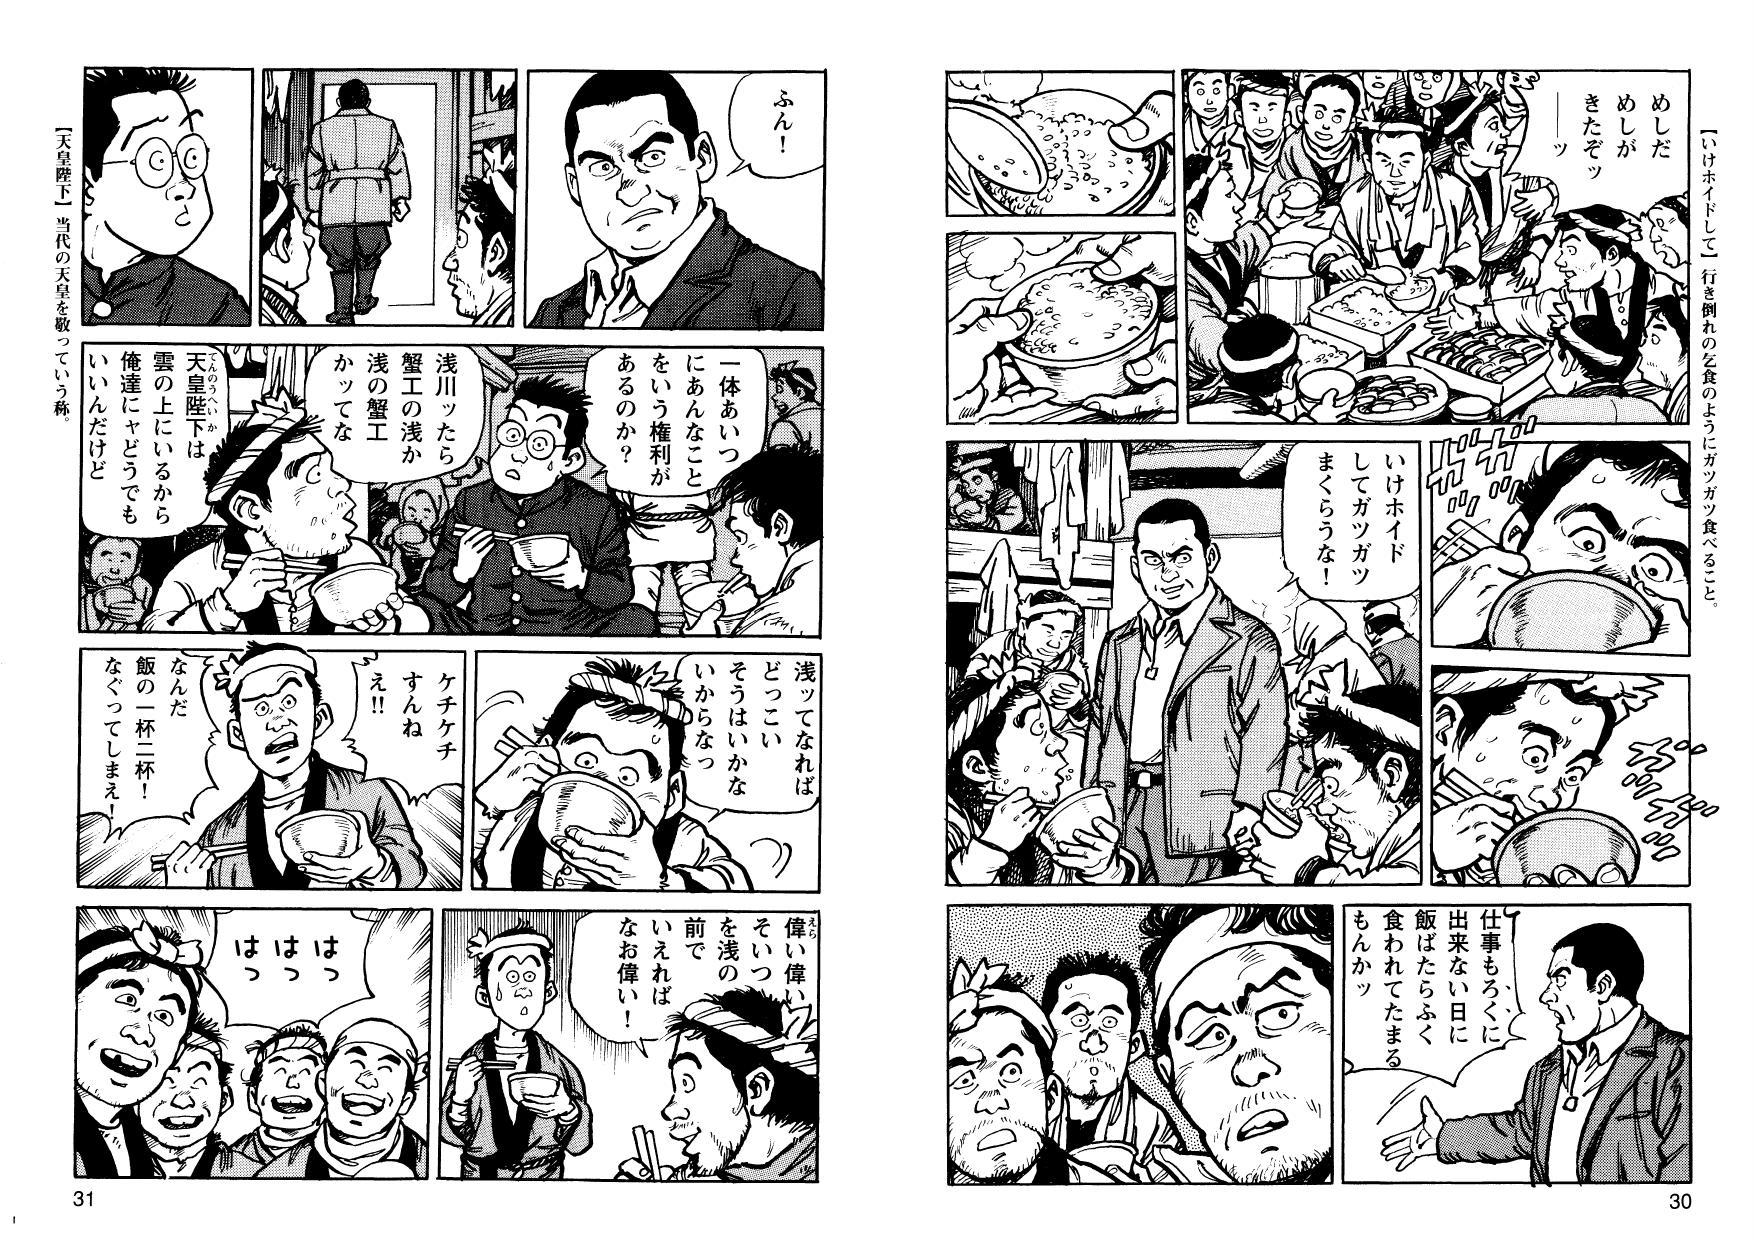 kani_cmc_000016.jpg